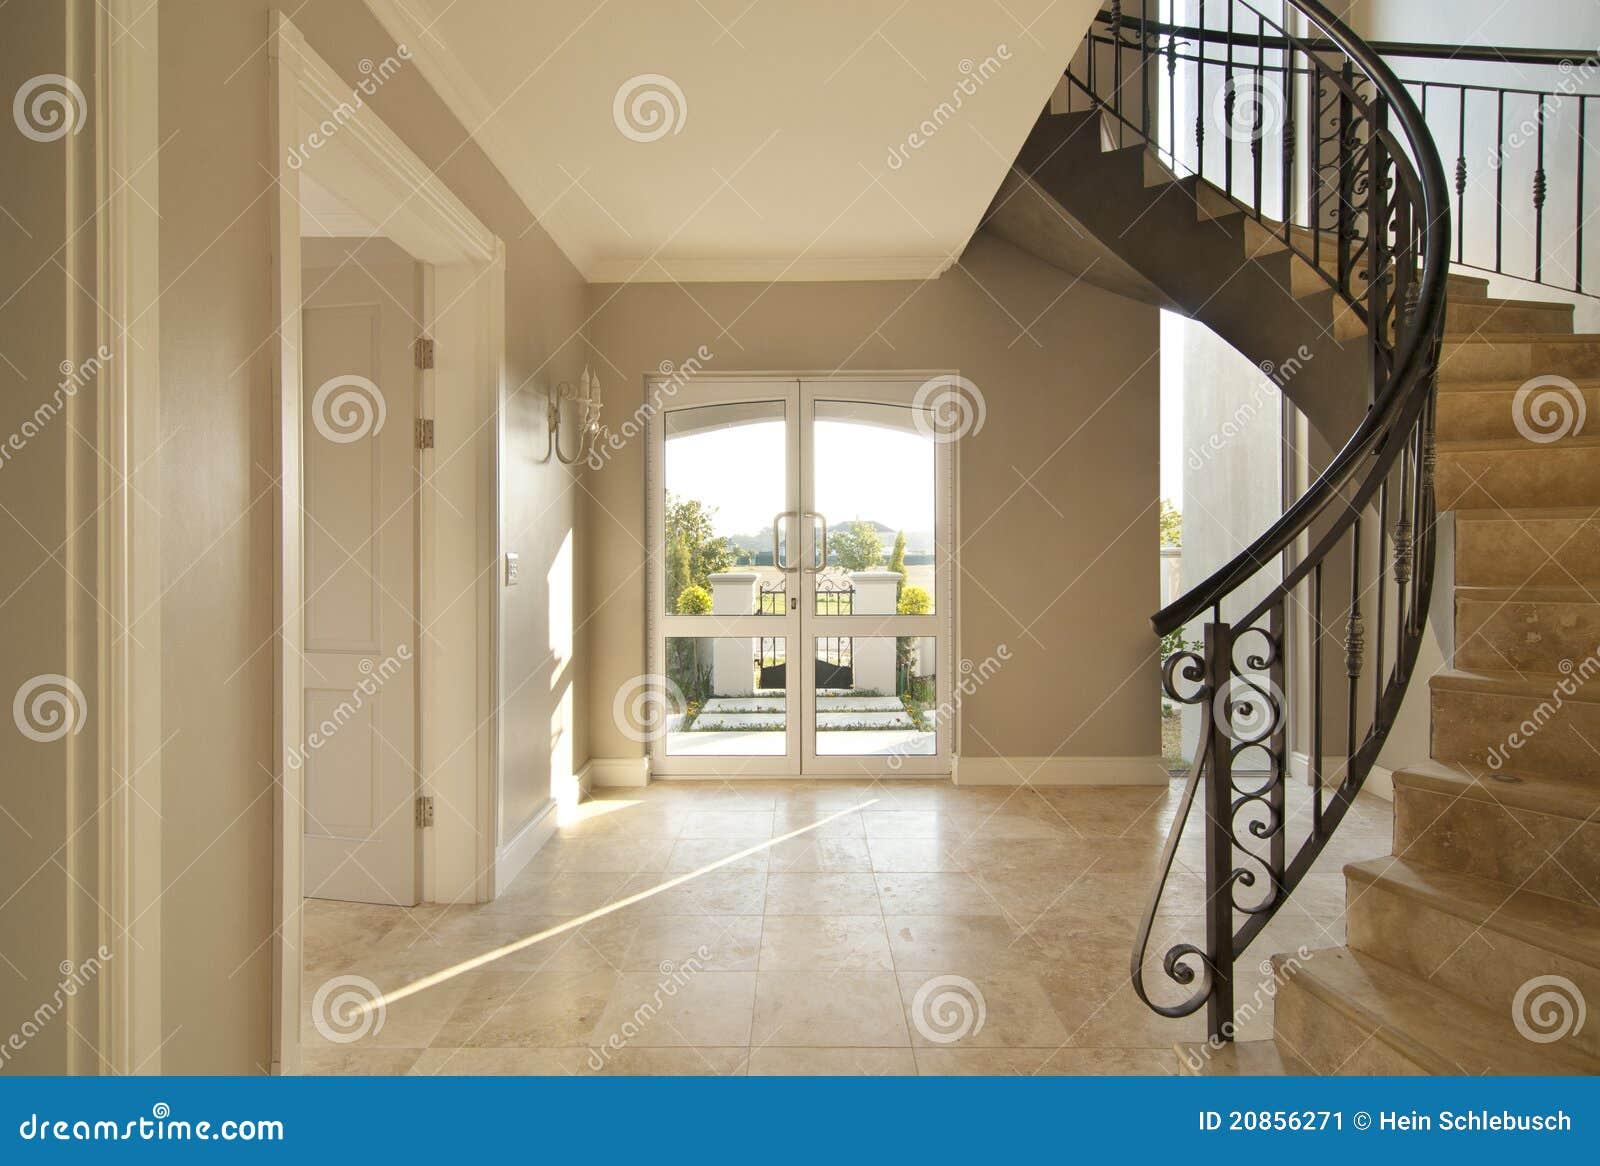 Escalera Y Puerta Principal Imagen de archivo - Imagen de casa ...